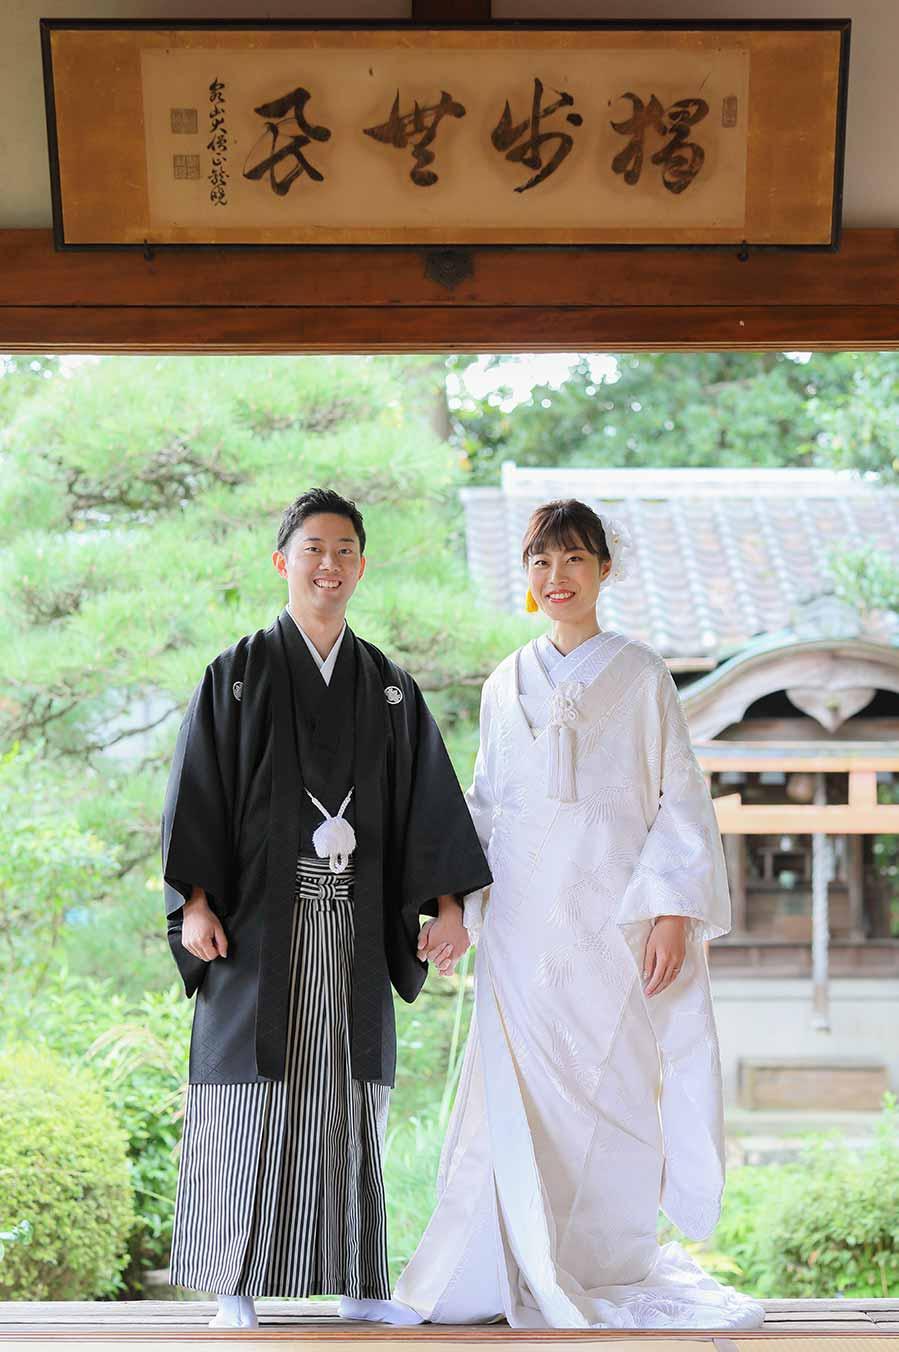 ブログ画像 白無垢と羽織袴の新郎新婦様